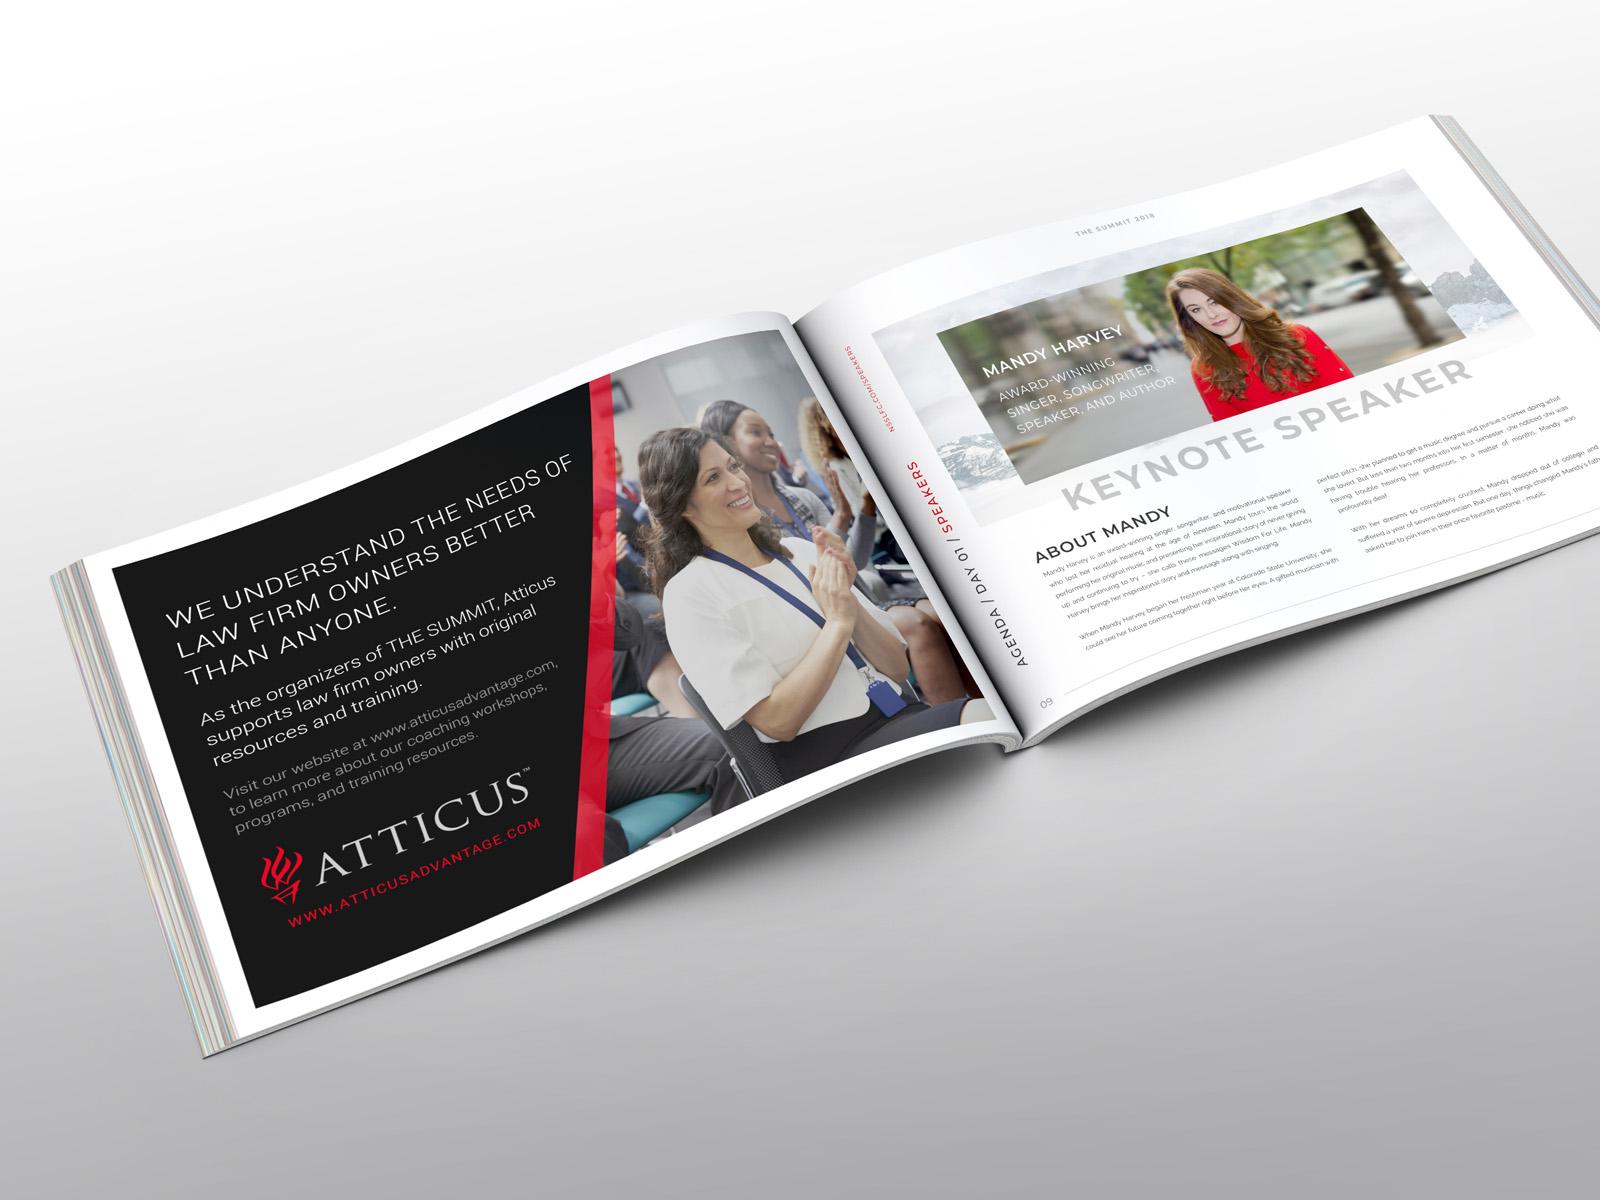 atticus-summit-program-catalog-1